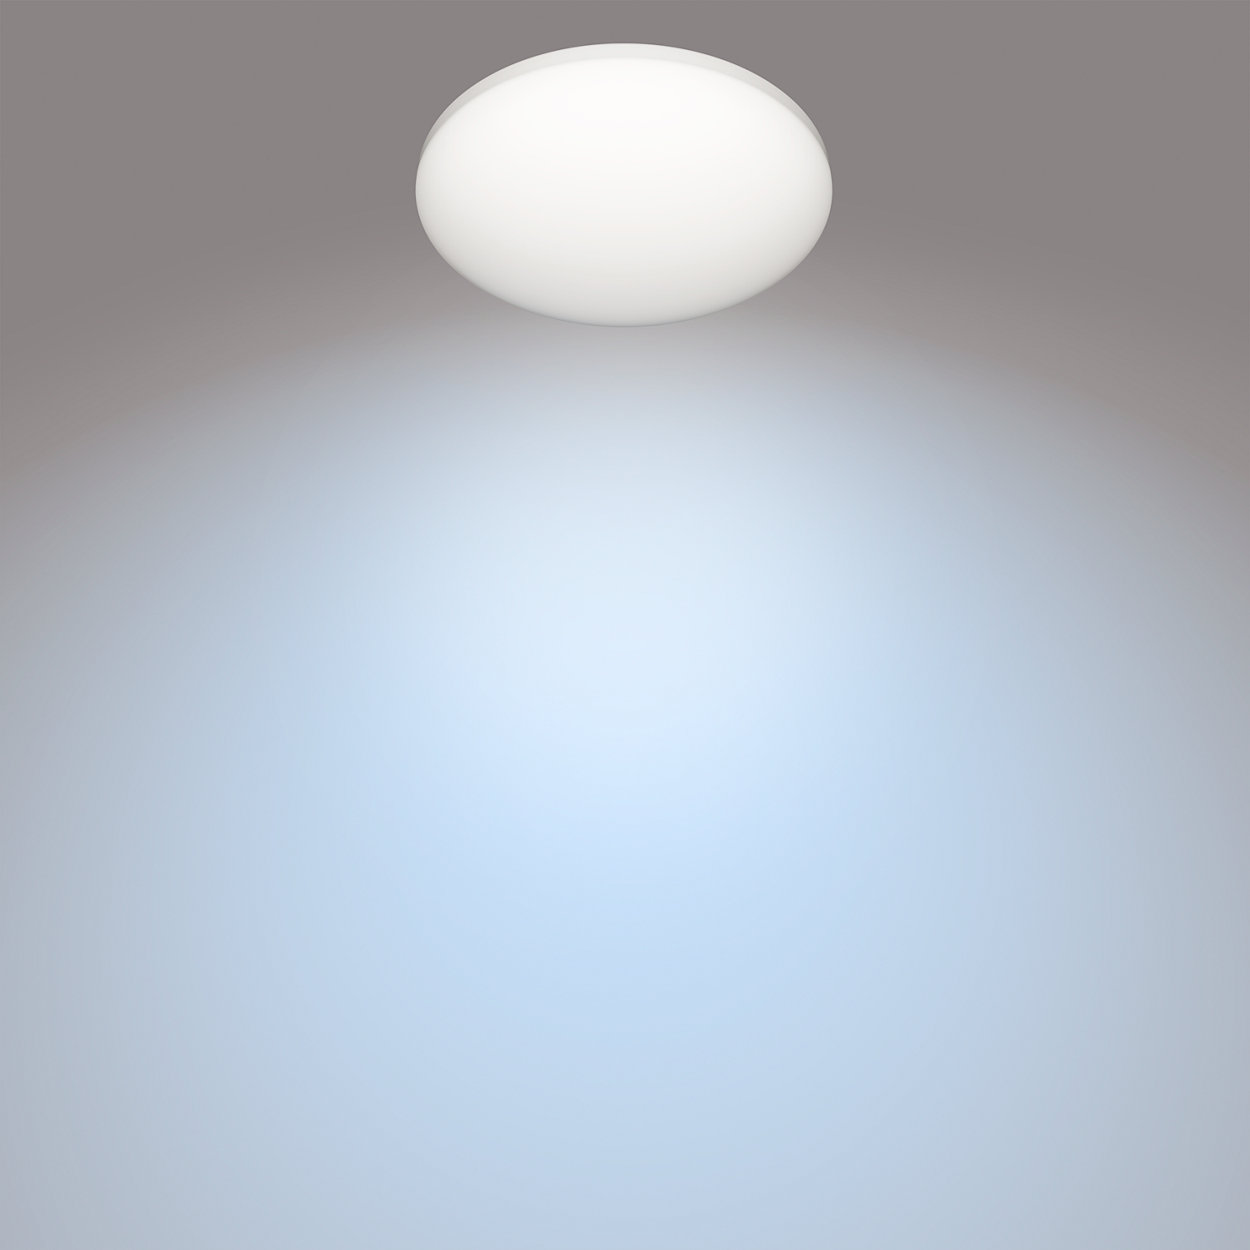 Комфортна светодиодна лампа, приятна за очите ви